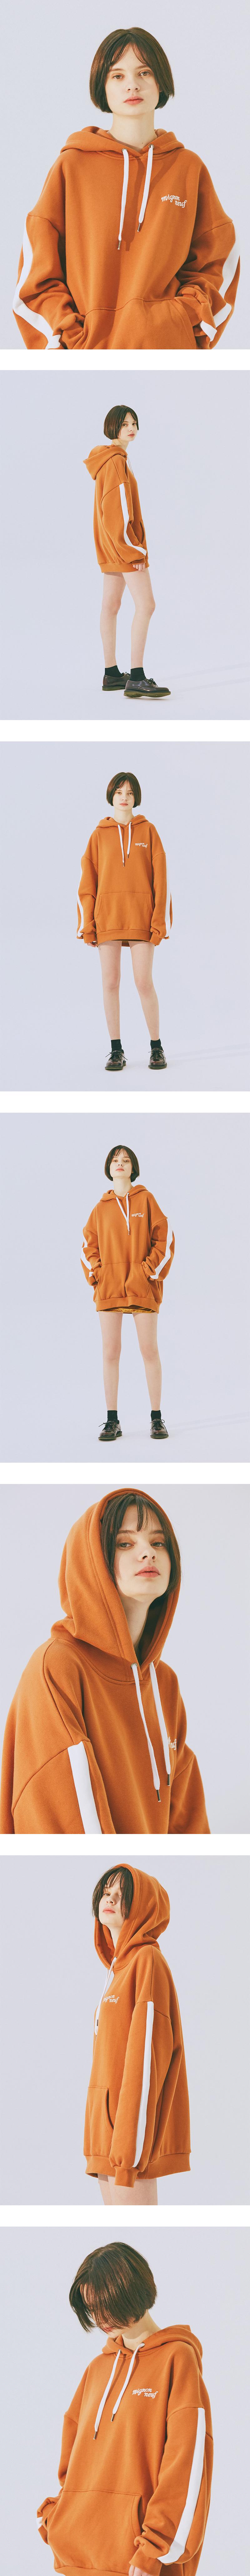 미뇽네프(MIGNONNEUF) N클럽 헤비오버핏 후드티 오렌지브라운_기모